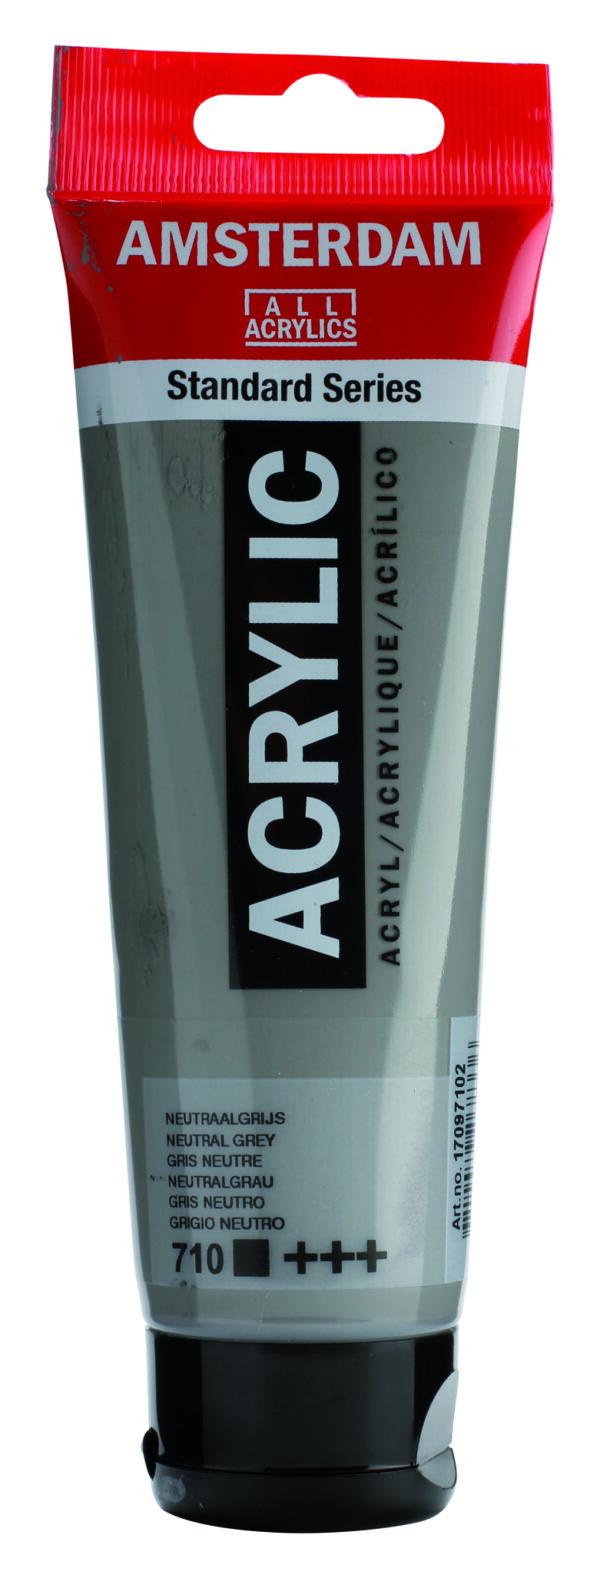 Ams std 710 Neutral grey - 120 ml